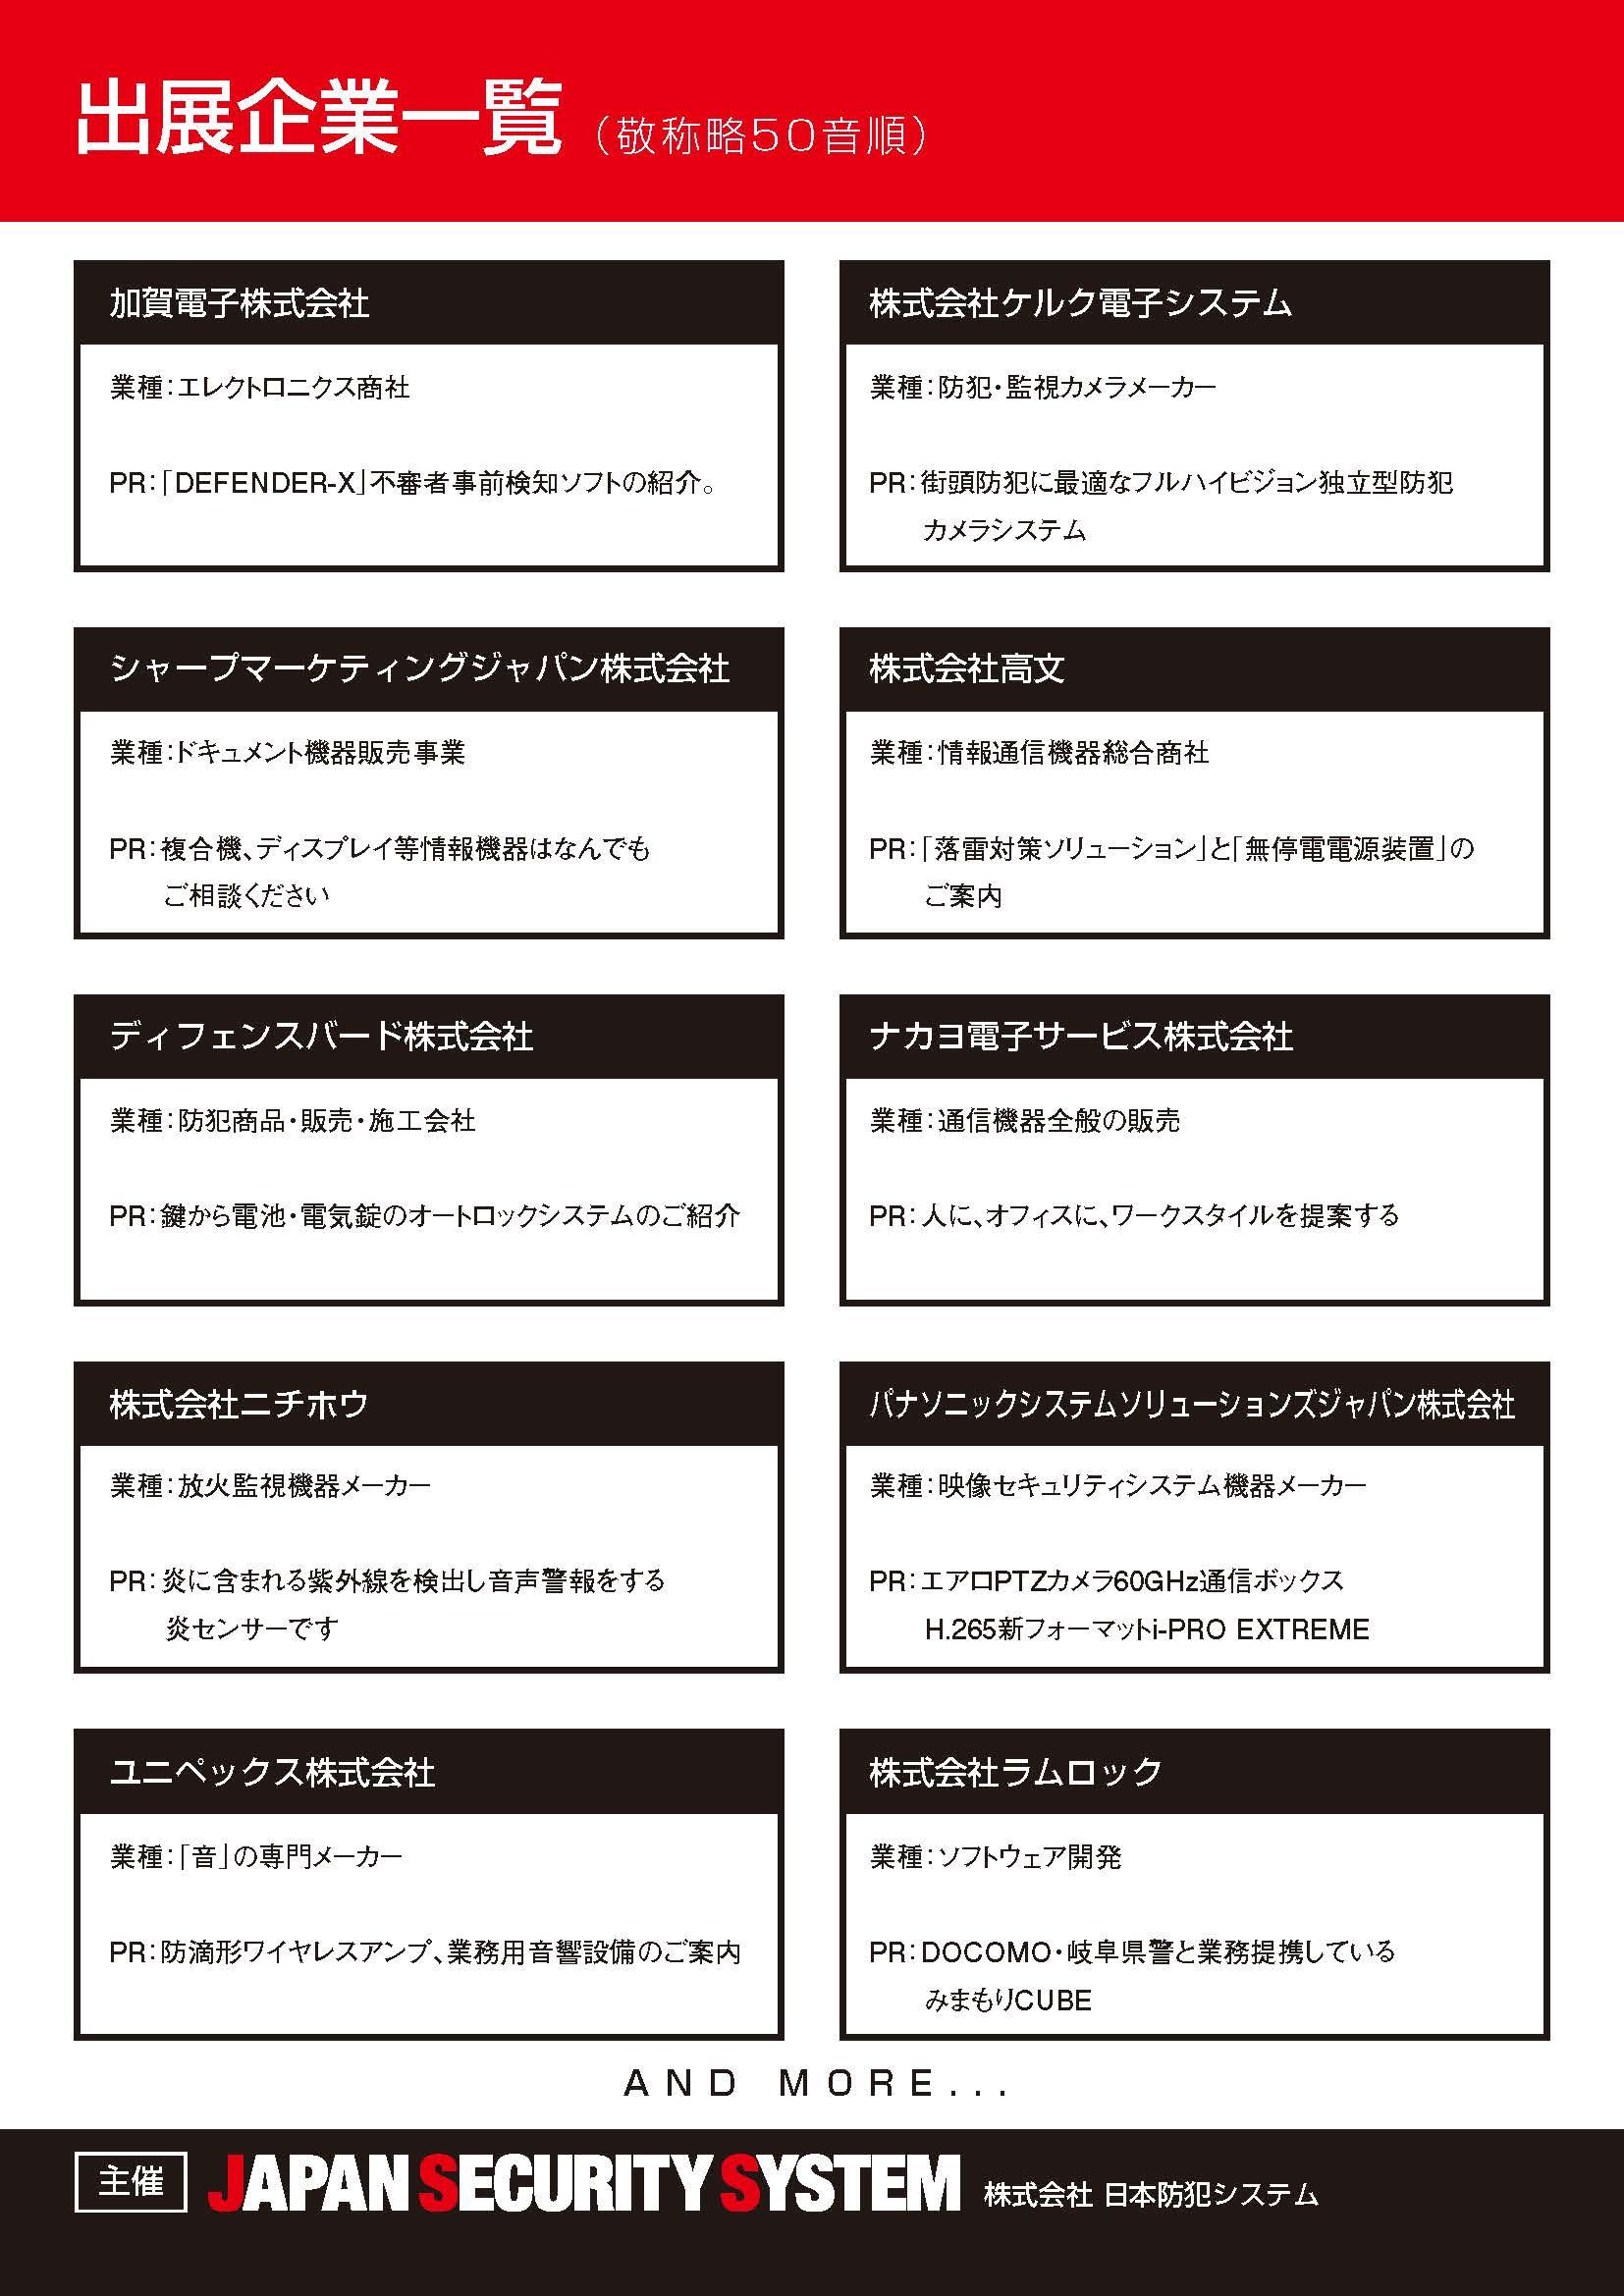 JSS_九州展示会_2